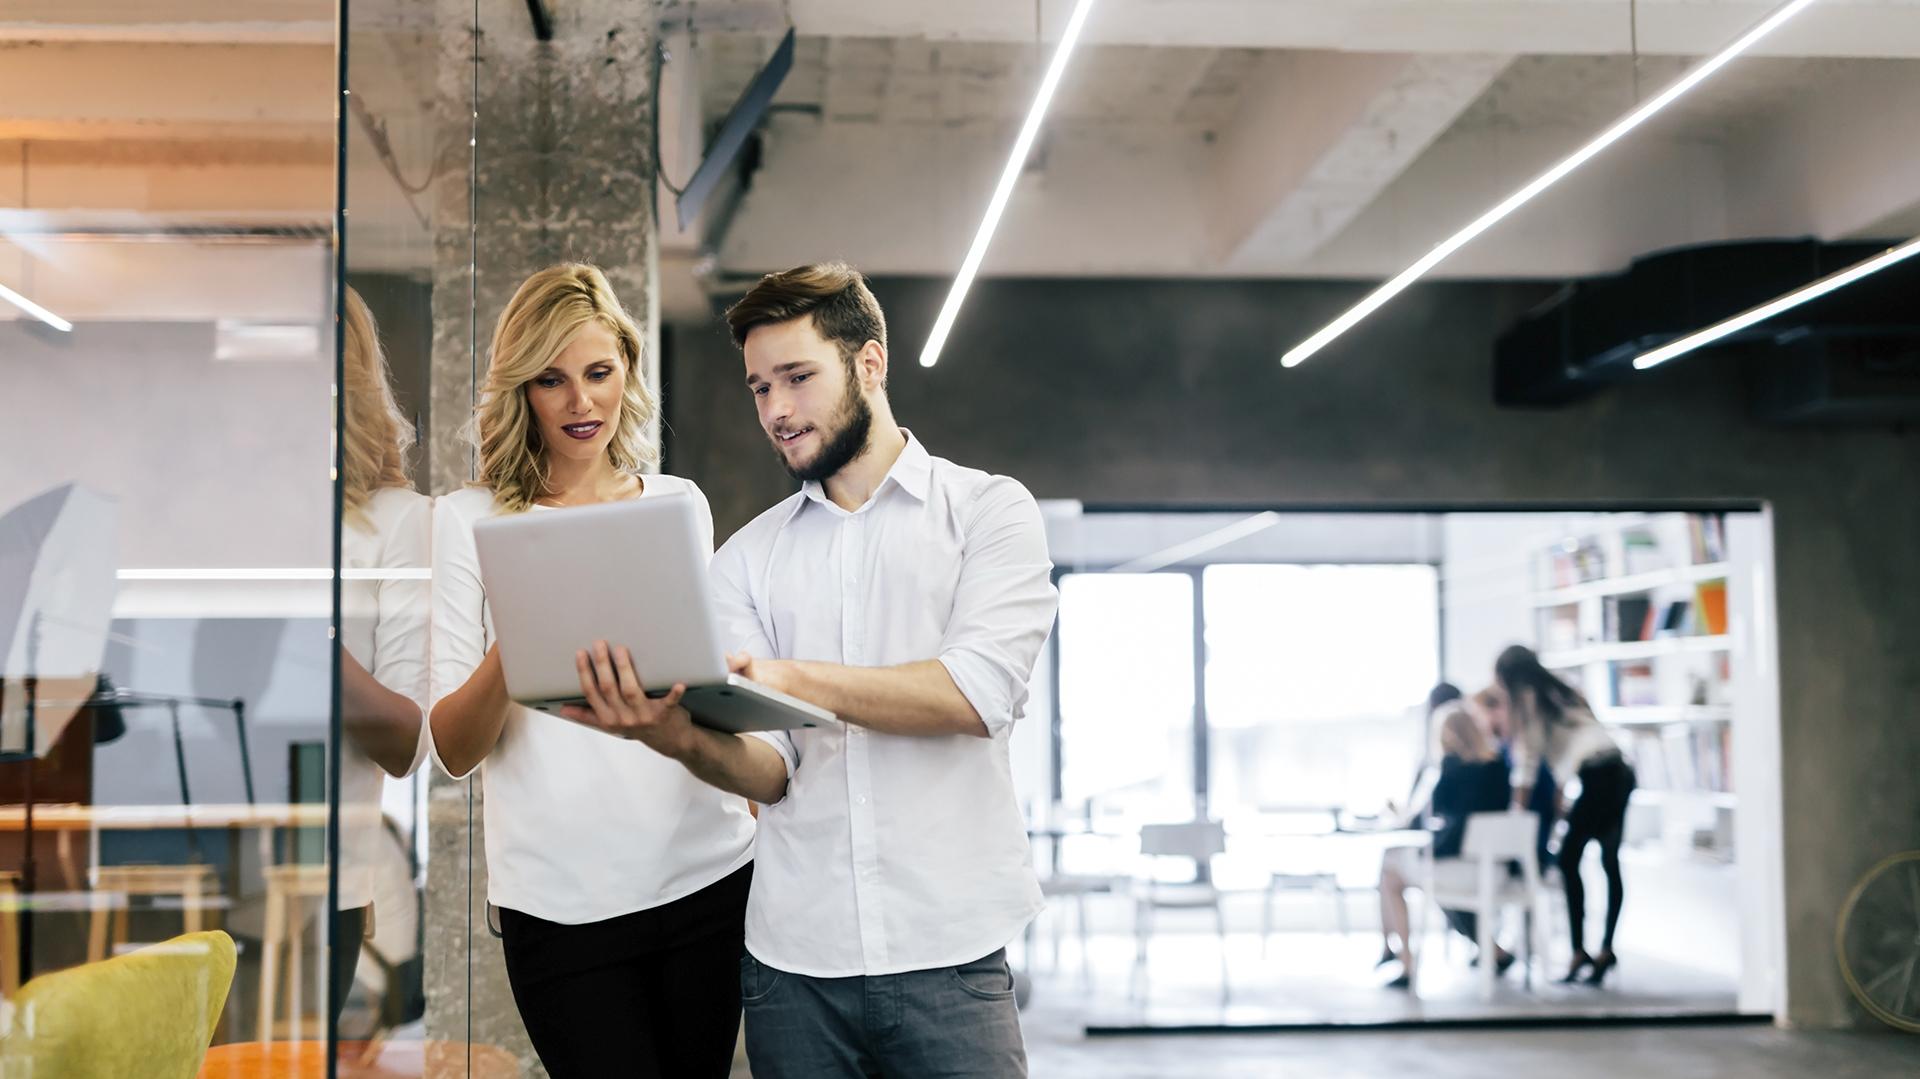 Casi 5 de cada 10 trabajadores con líderes mujeres se sienten más satisfechos con el nivel de colaboración de sus compañeros de trabajo (Getty)